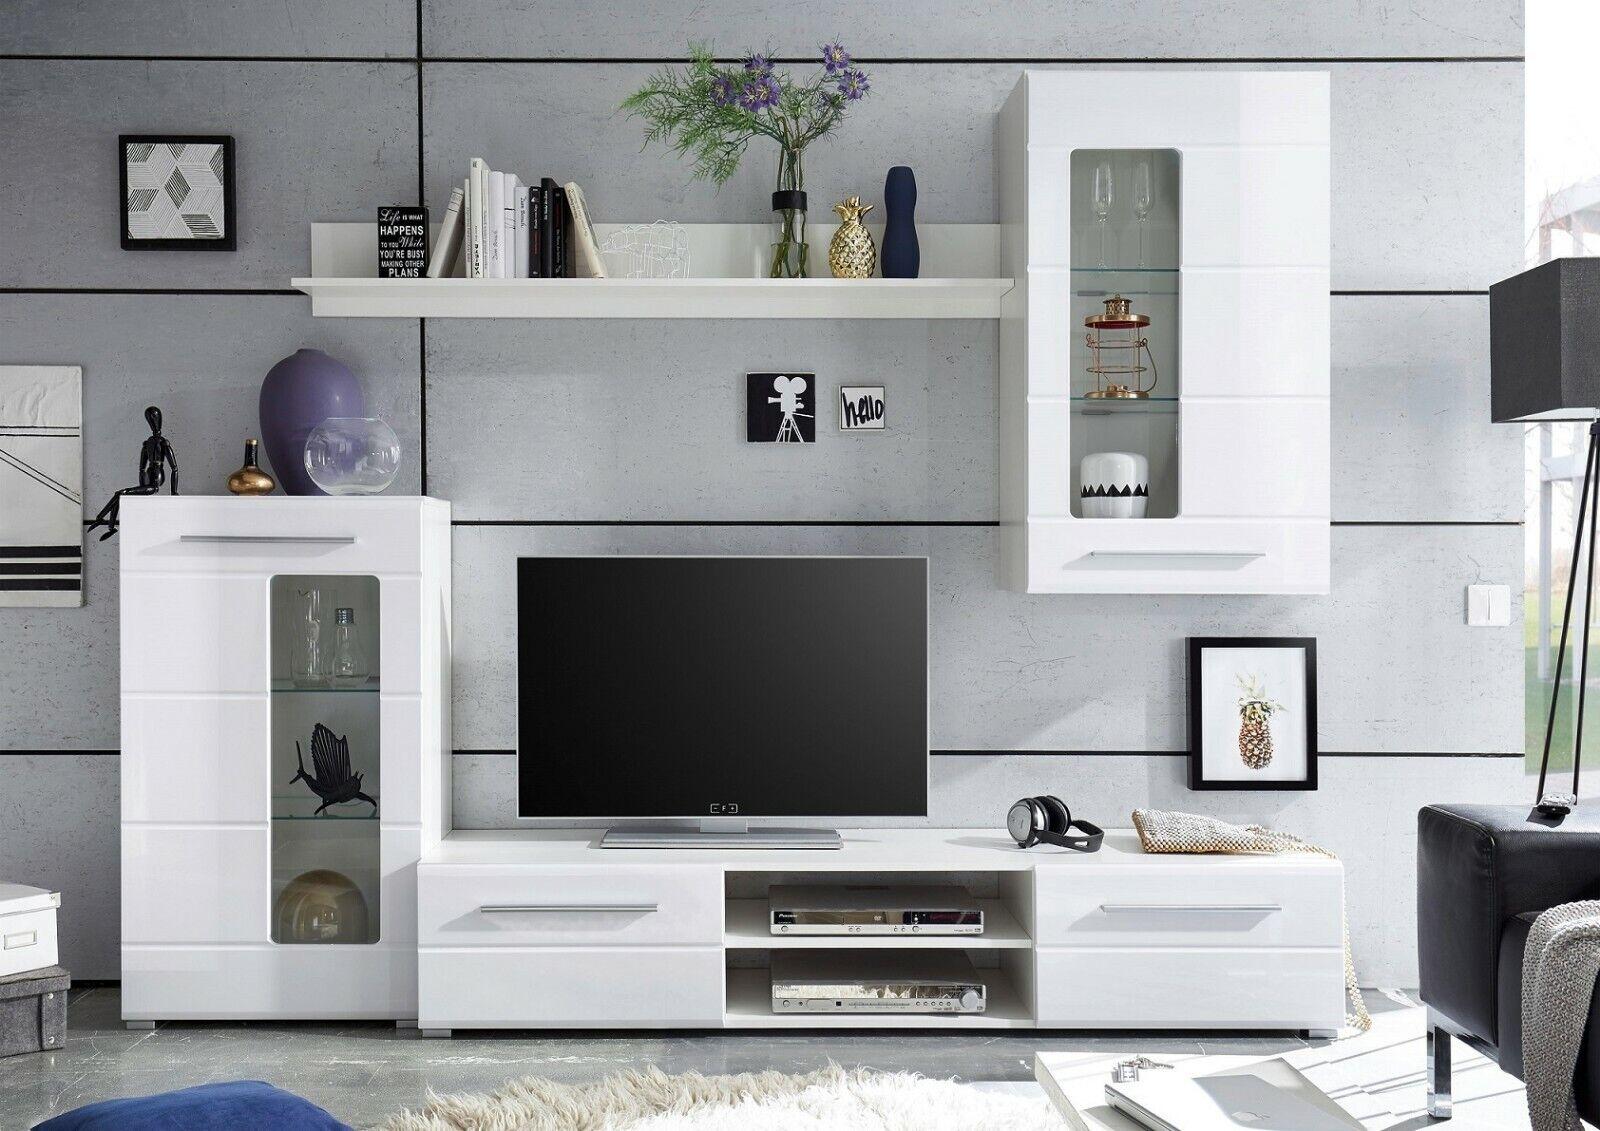 Wohnwand Hochglanz Weiss Schrankwand Anbauwand Wohzimmerwand Modern Design